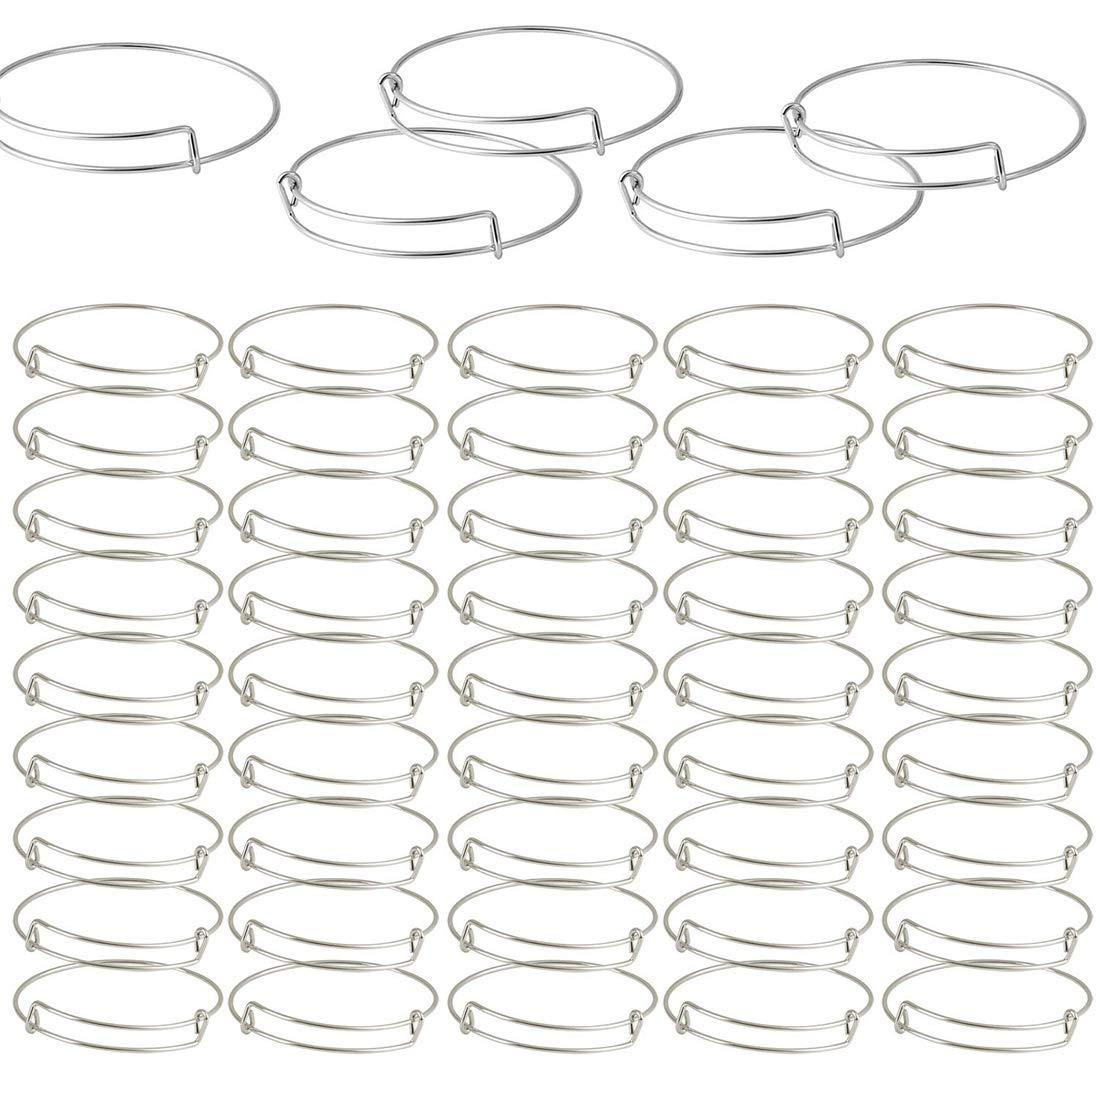 Adjustable Wire Blank Bracelets for Jewelry Making Silver DIY Jewelry Making Charms Bracelets Gift2U 50PCS Expandable Bangle Bracelets